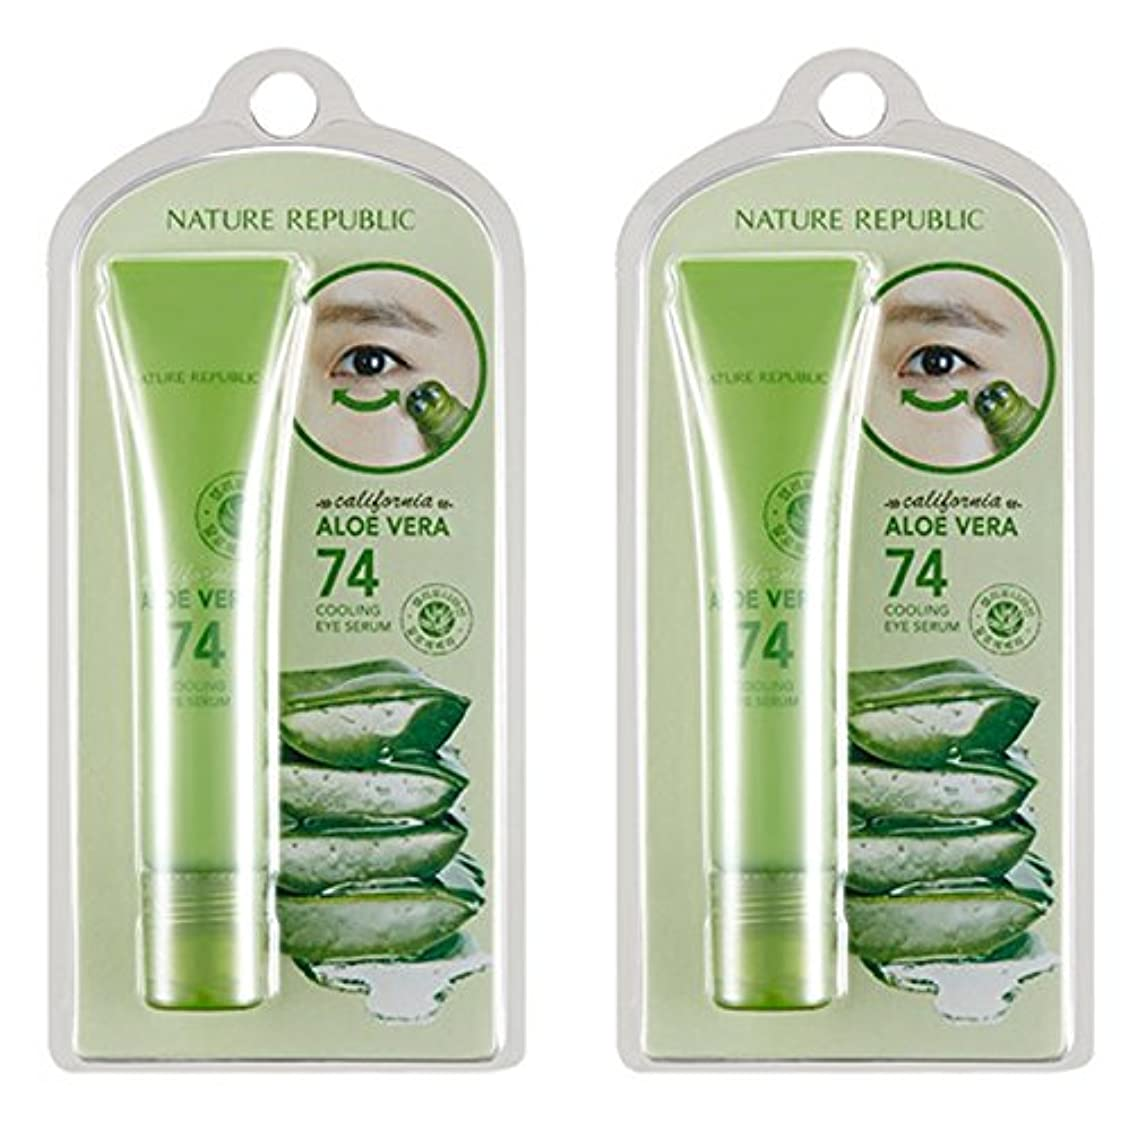 ハドル刑務所あらゆる種類の[韓国 Nature Republic] Nature Republic カリフォルニア アロエ ベラ 74 クーリング アイ セラム15 Ml 1+1 アイ スキン ケア マッサージ モイスチャー しわ 改善 (Nature Republic California Aloe Vera 74 Cooling Eye Serum 15 Ml 1+1 Eye Skin Care Massage Moisture Wrinkle Improvement) [並行輸入品]